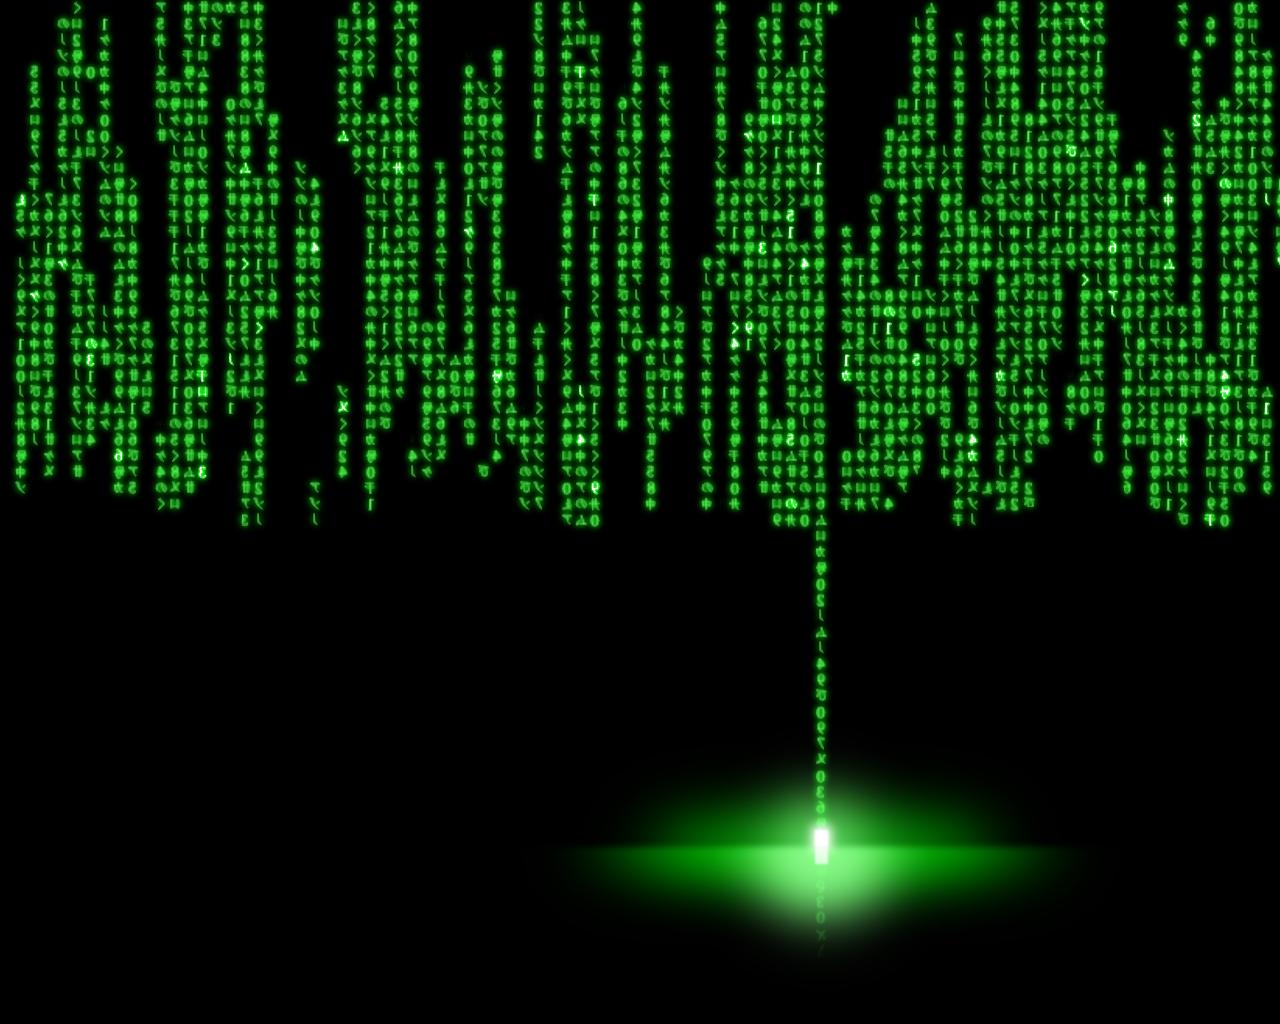 Matrix wallpaper imagens 1280x1024